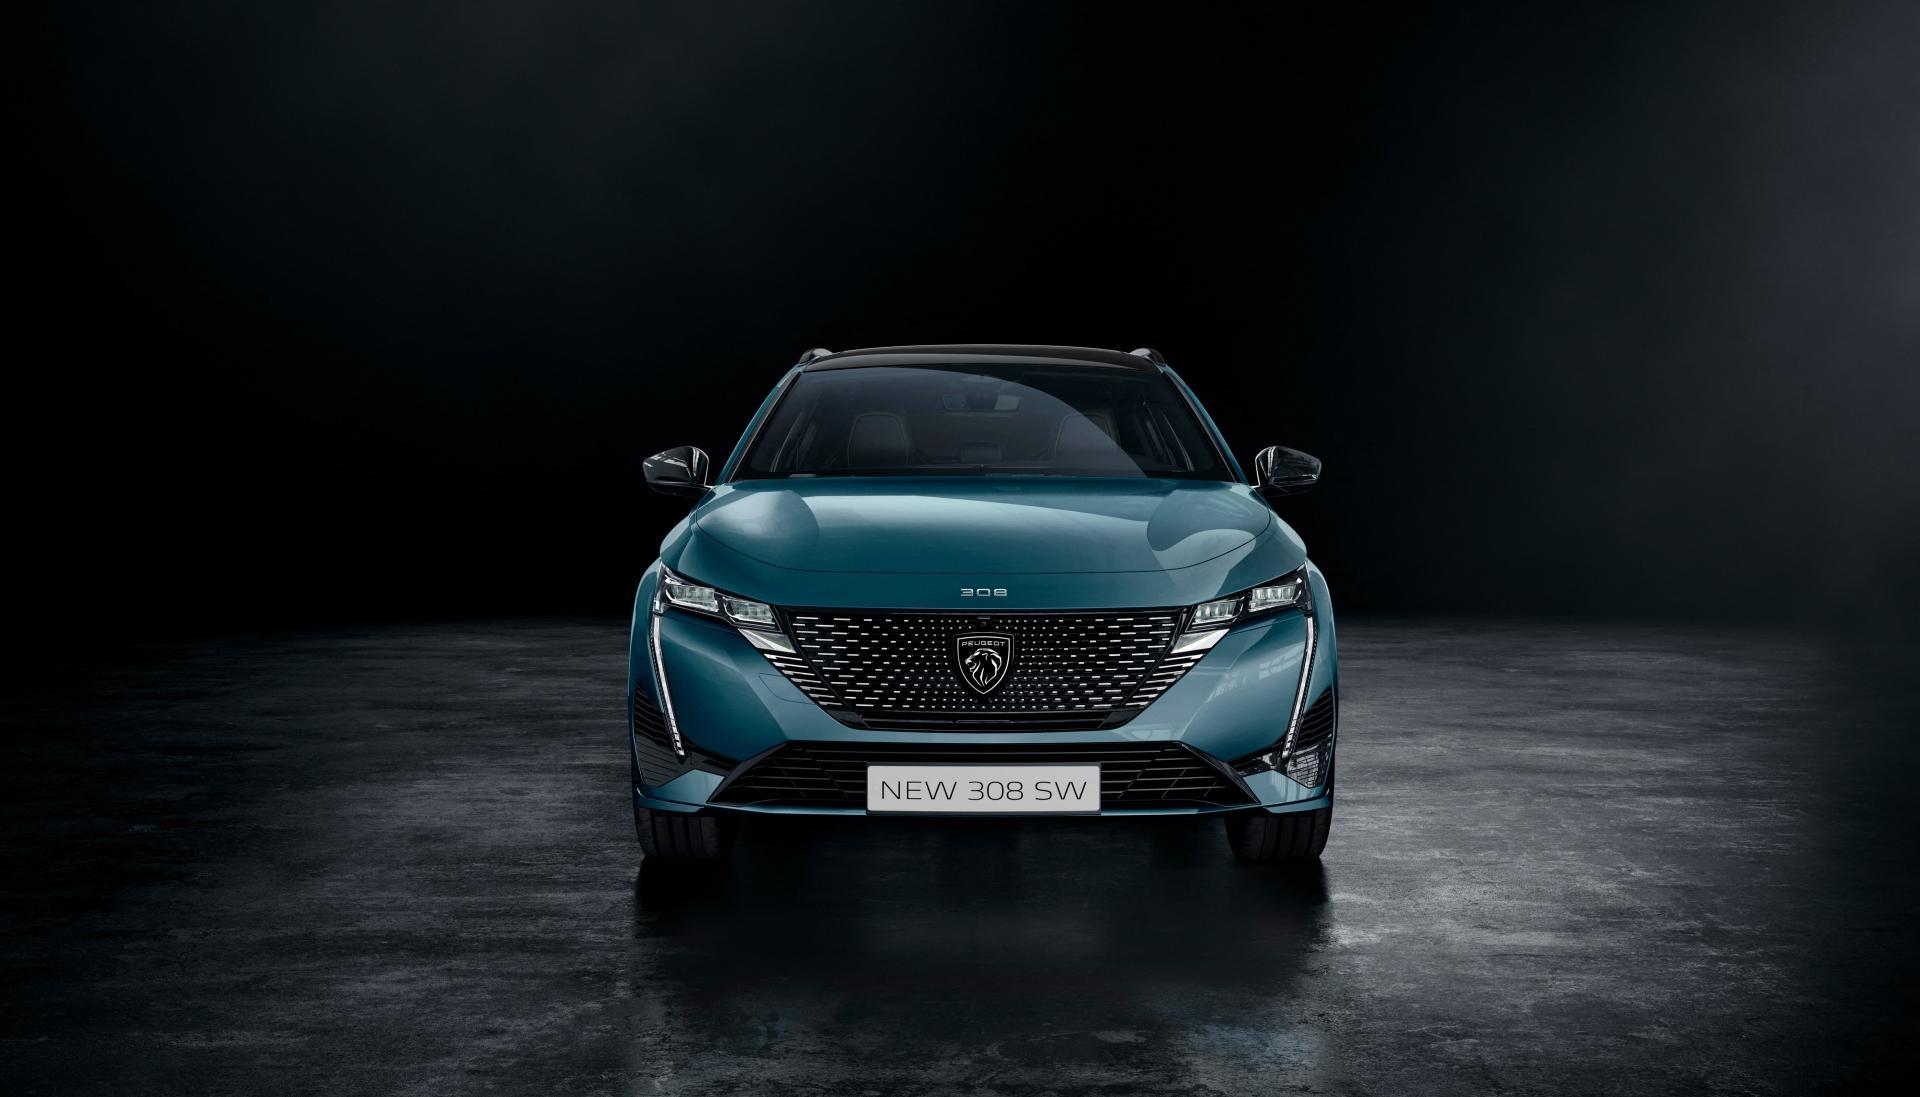 El nuevo modelo mejorará aerodinámicamente, firmando un Cx de 0,277 lo que le permitirá situarse entre los mejores en este aspecto.